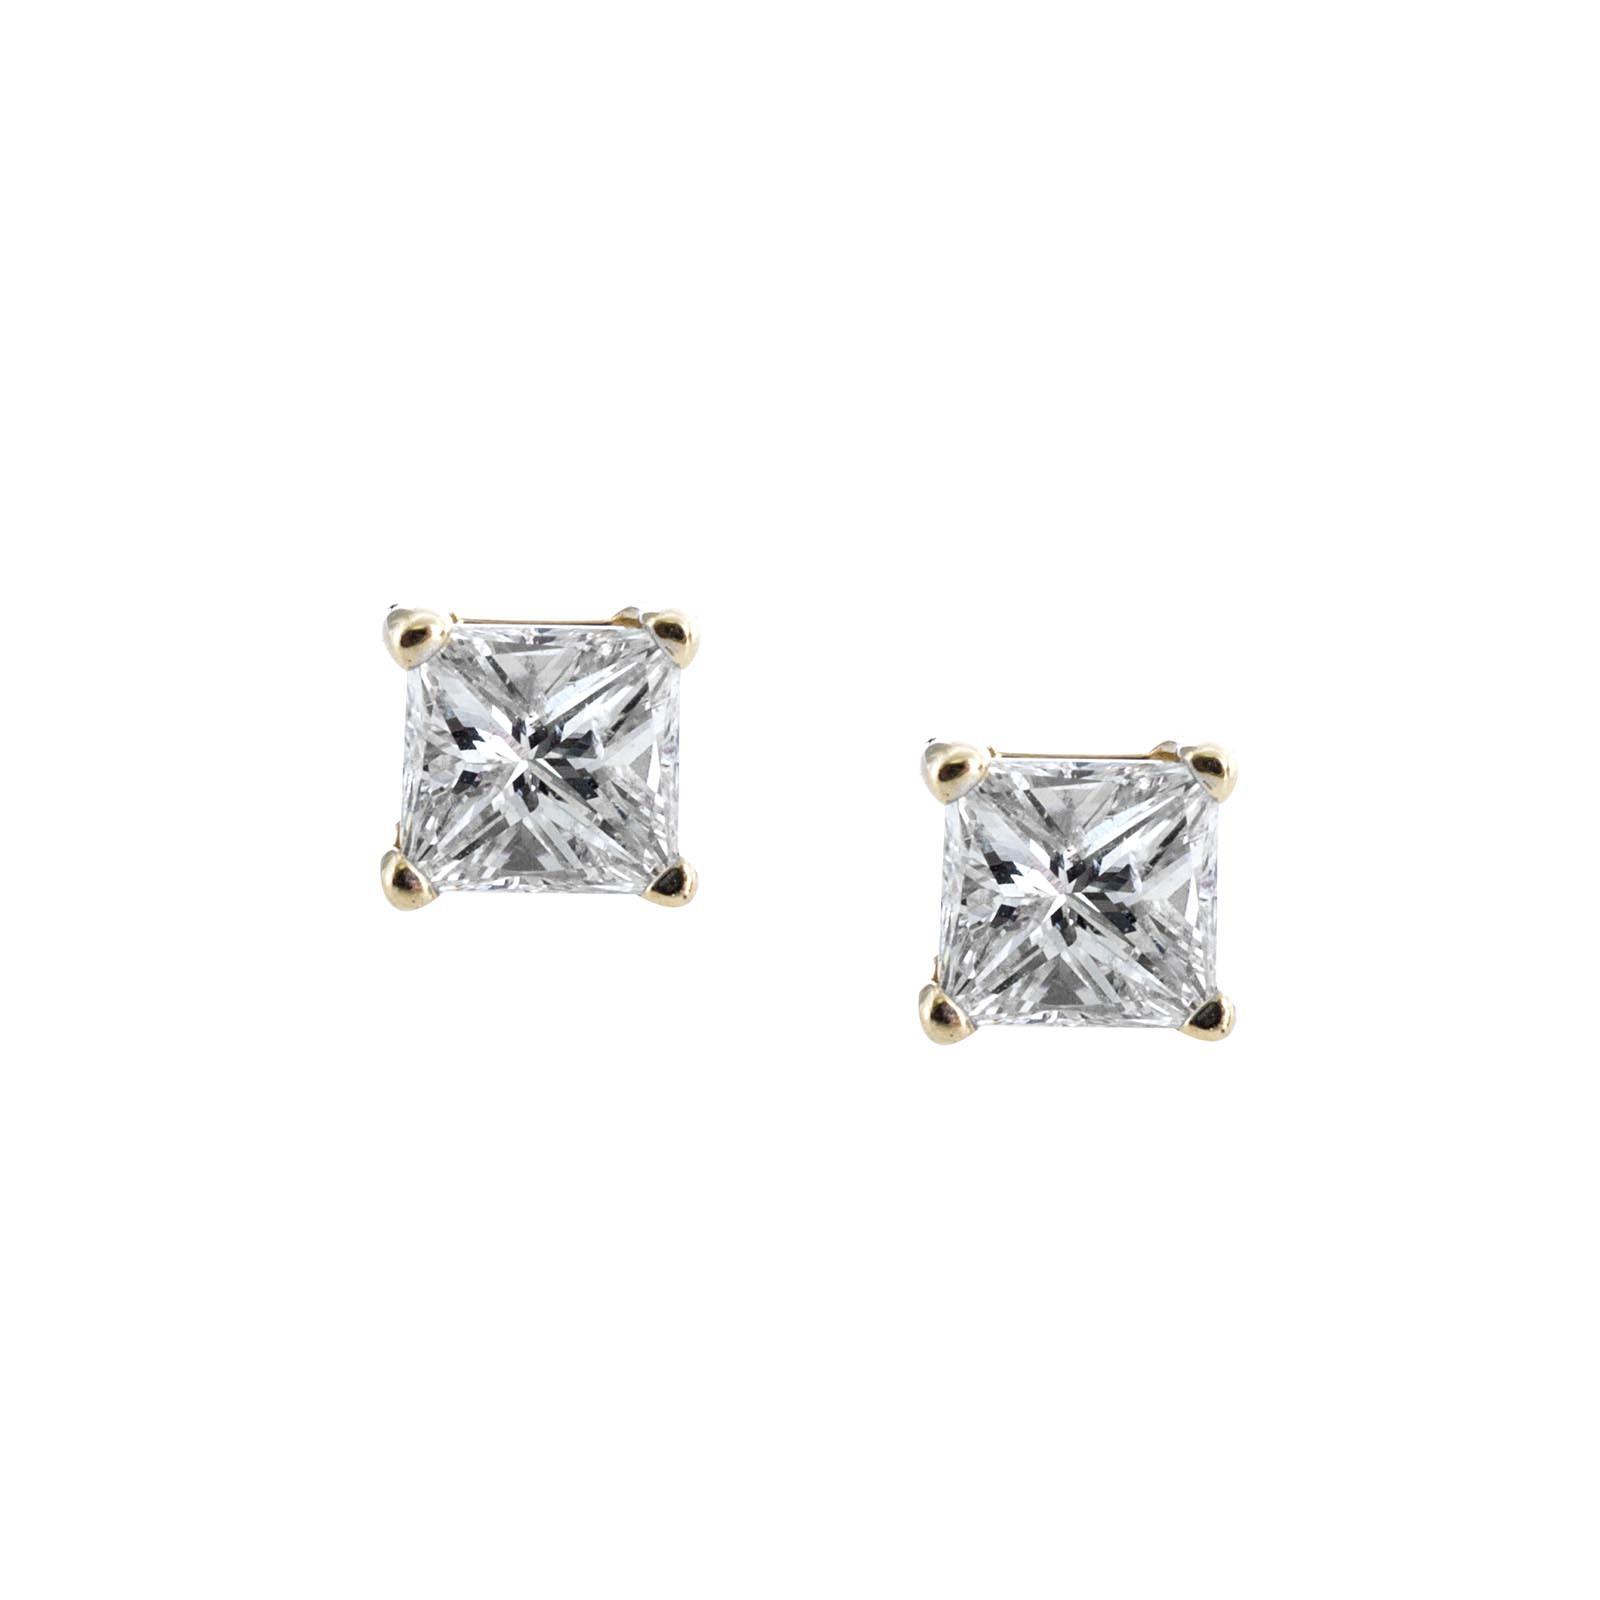 Vintage 0.28 CTW Princess Cut Diamond Stud Earrings